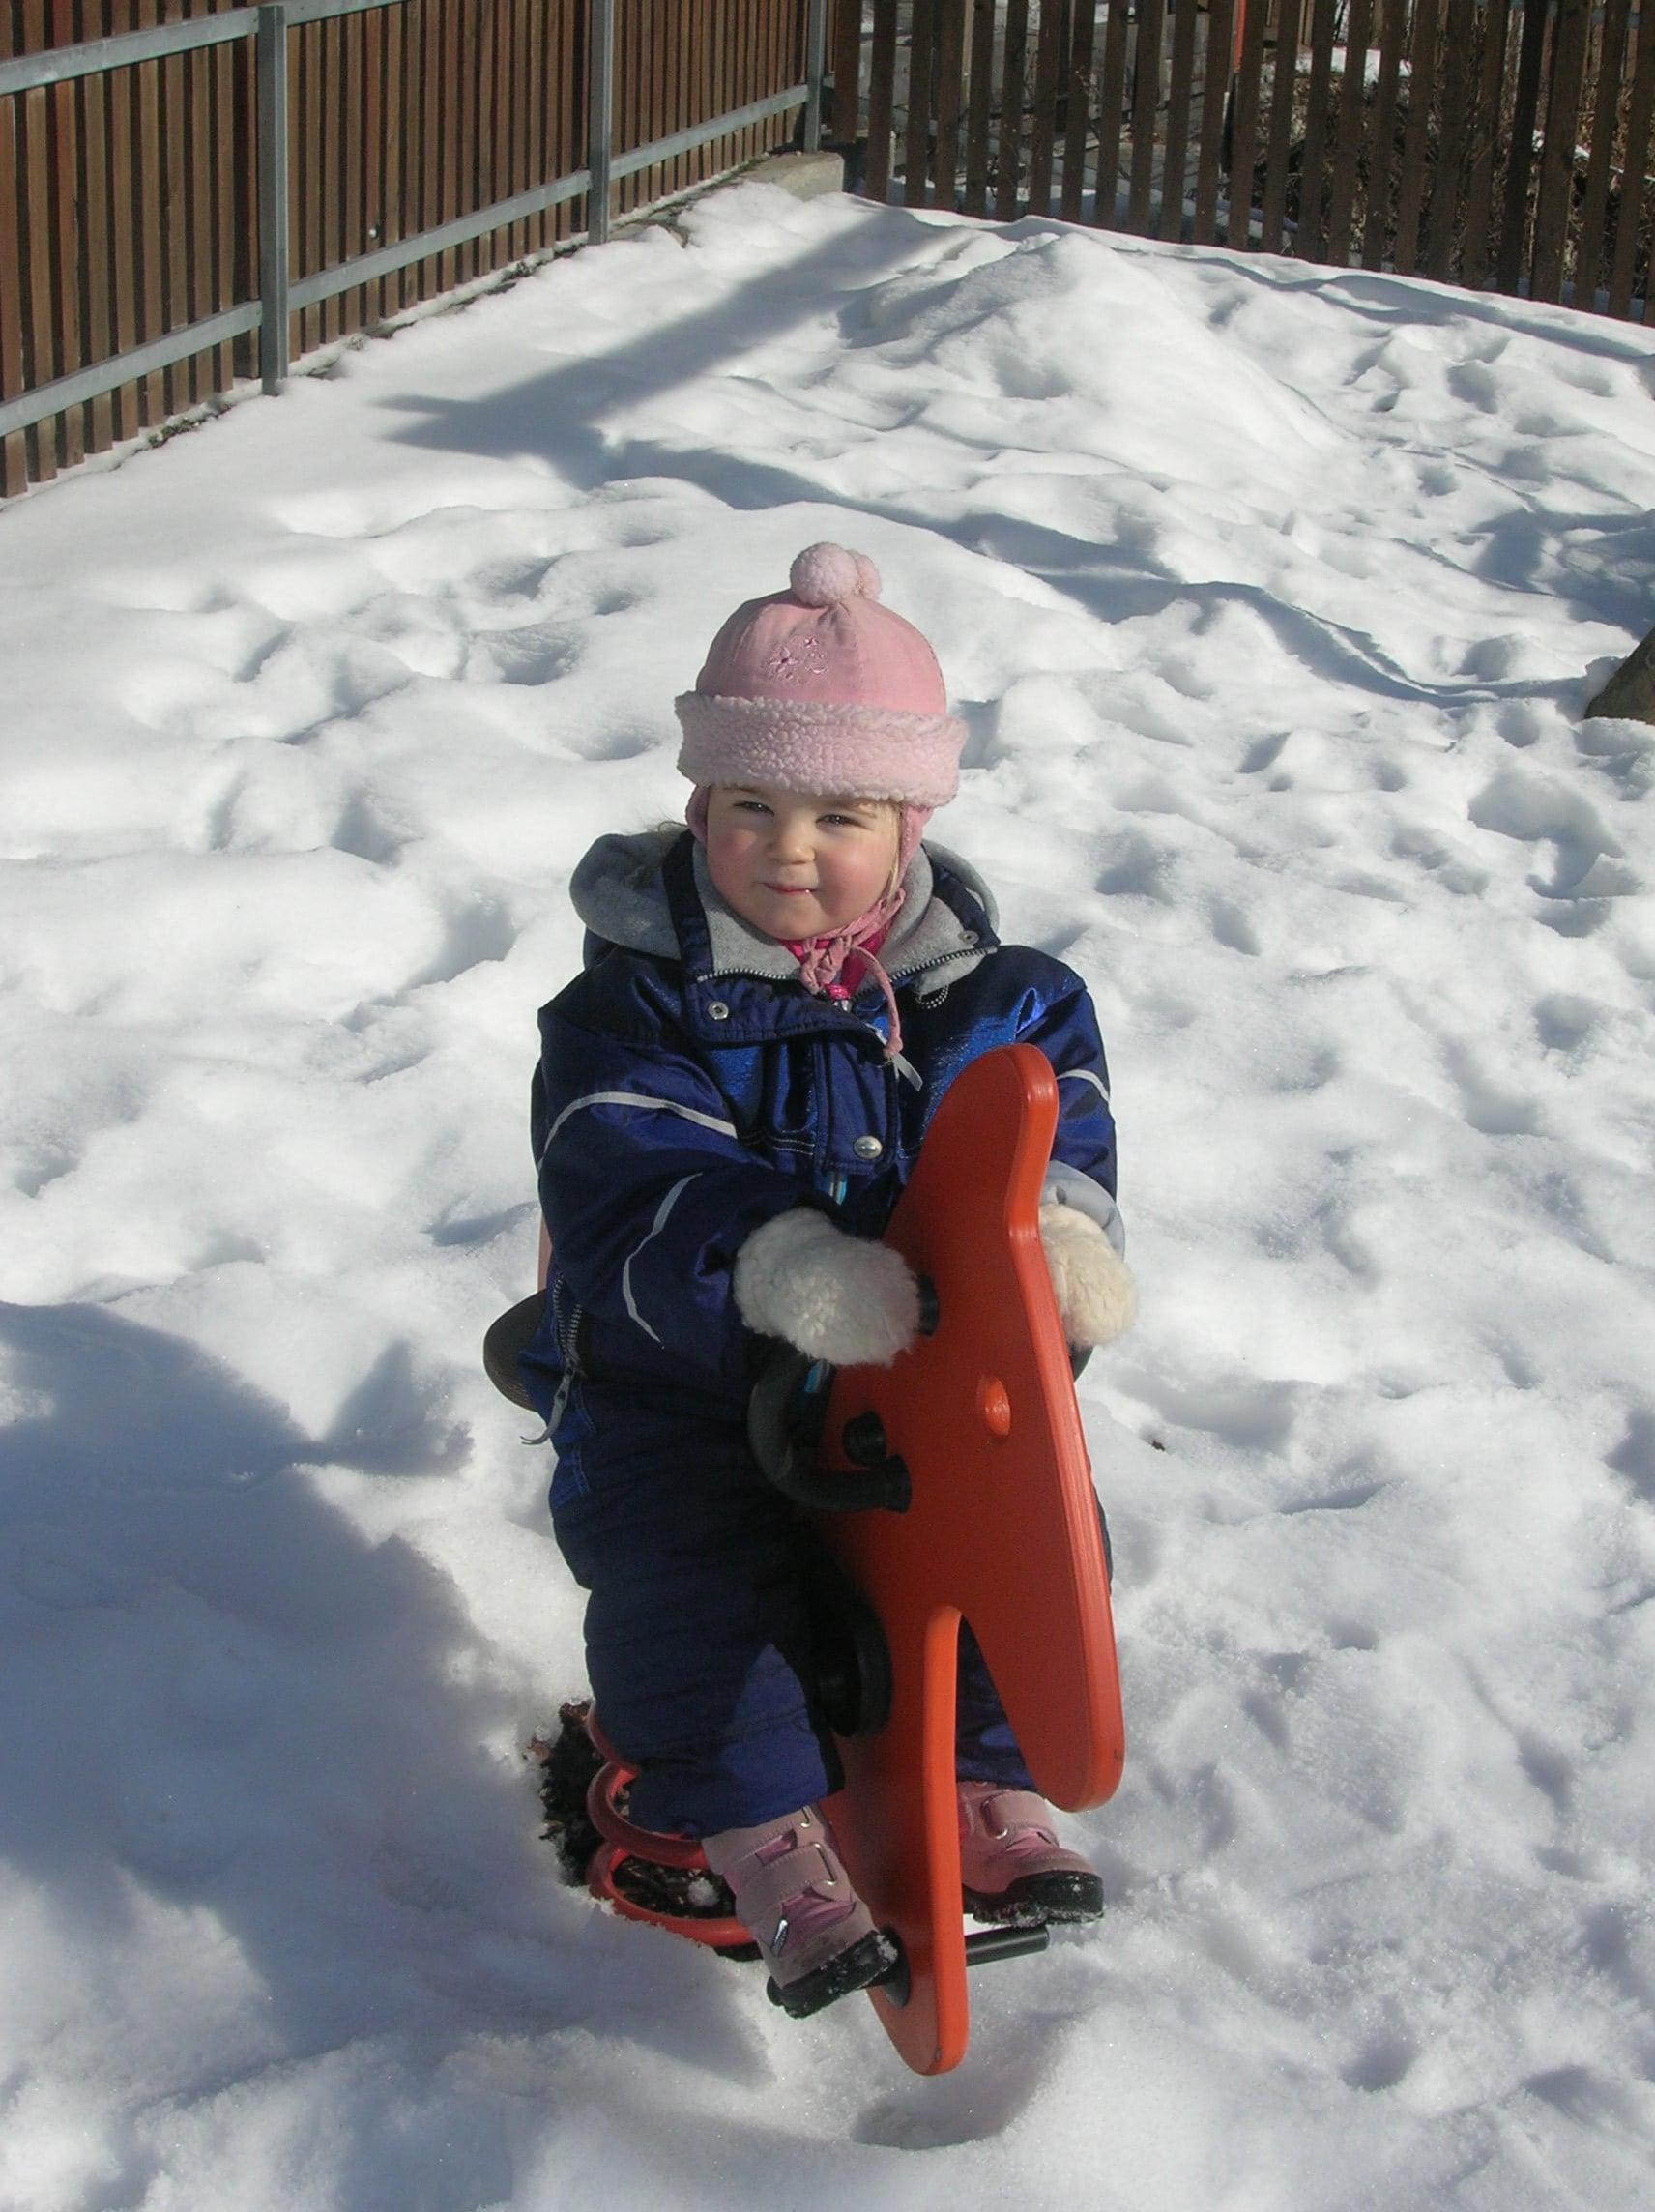 Agriturismo Alto Adige bambini - Residence fattoria Obermoarhof, in inverno